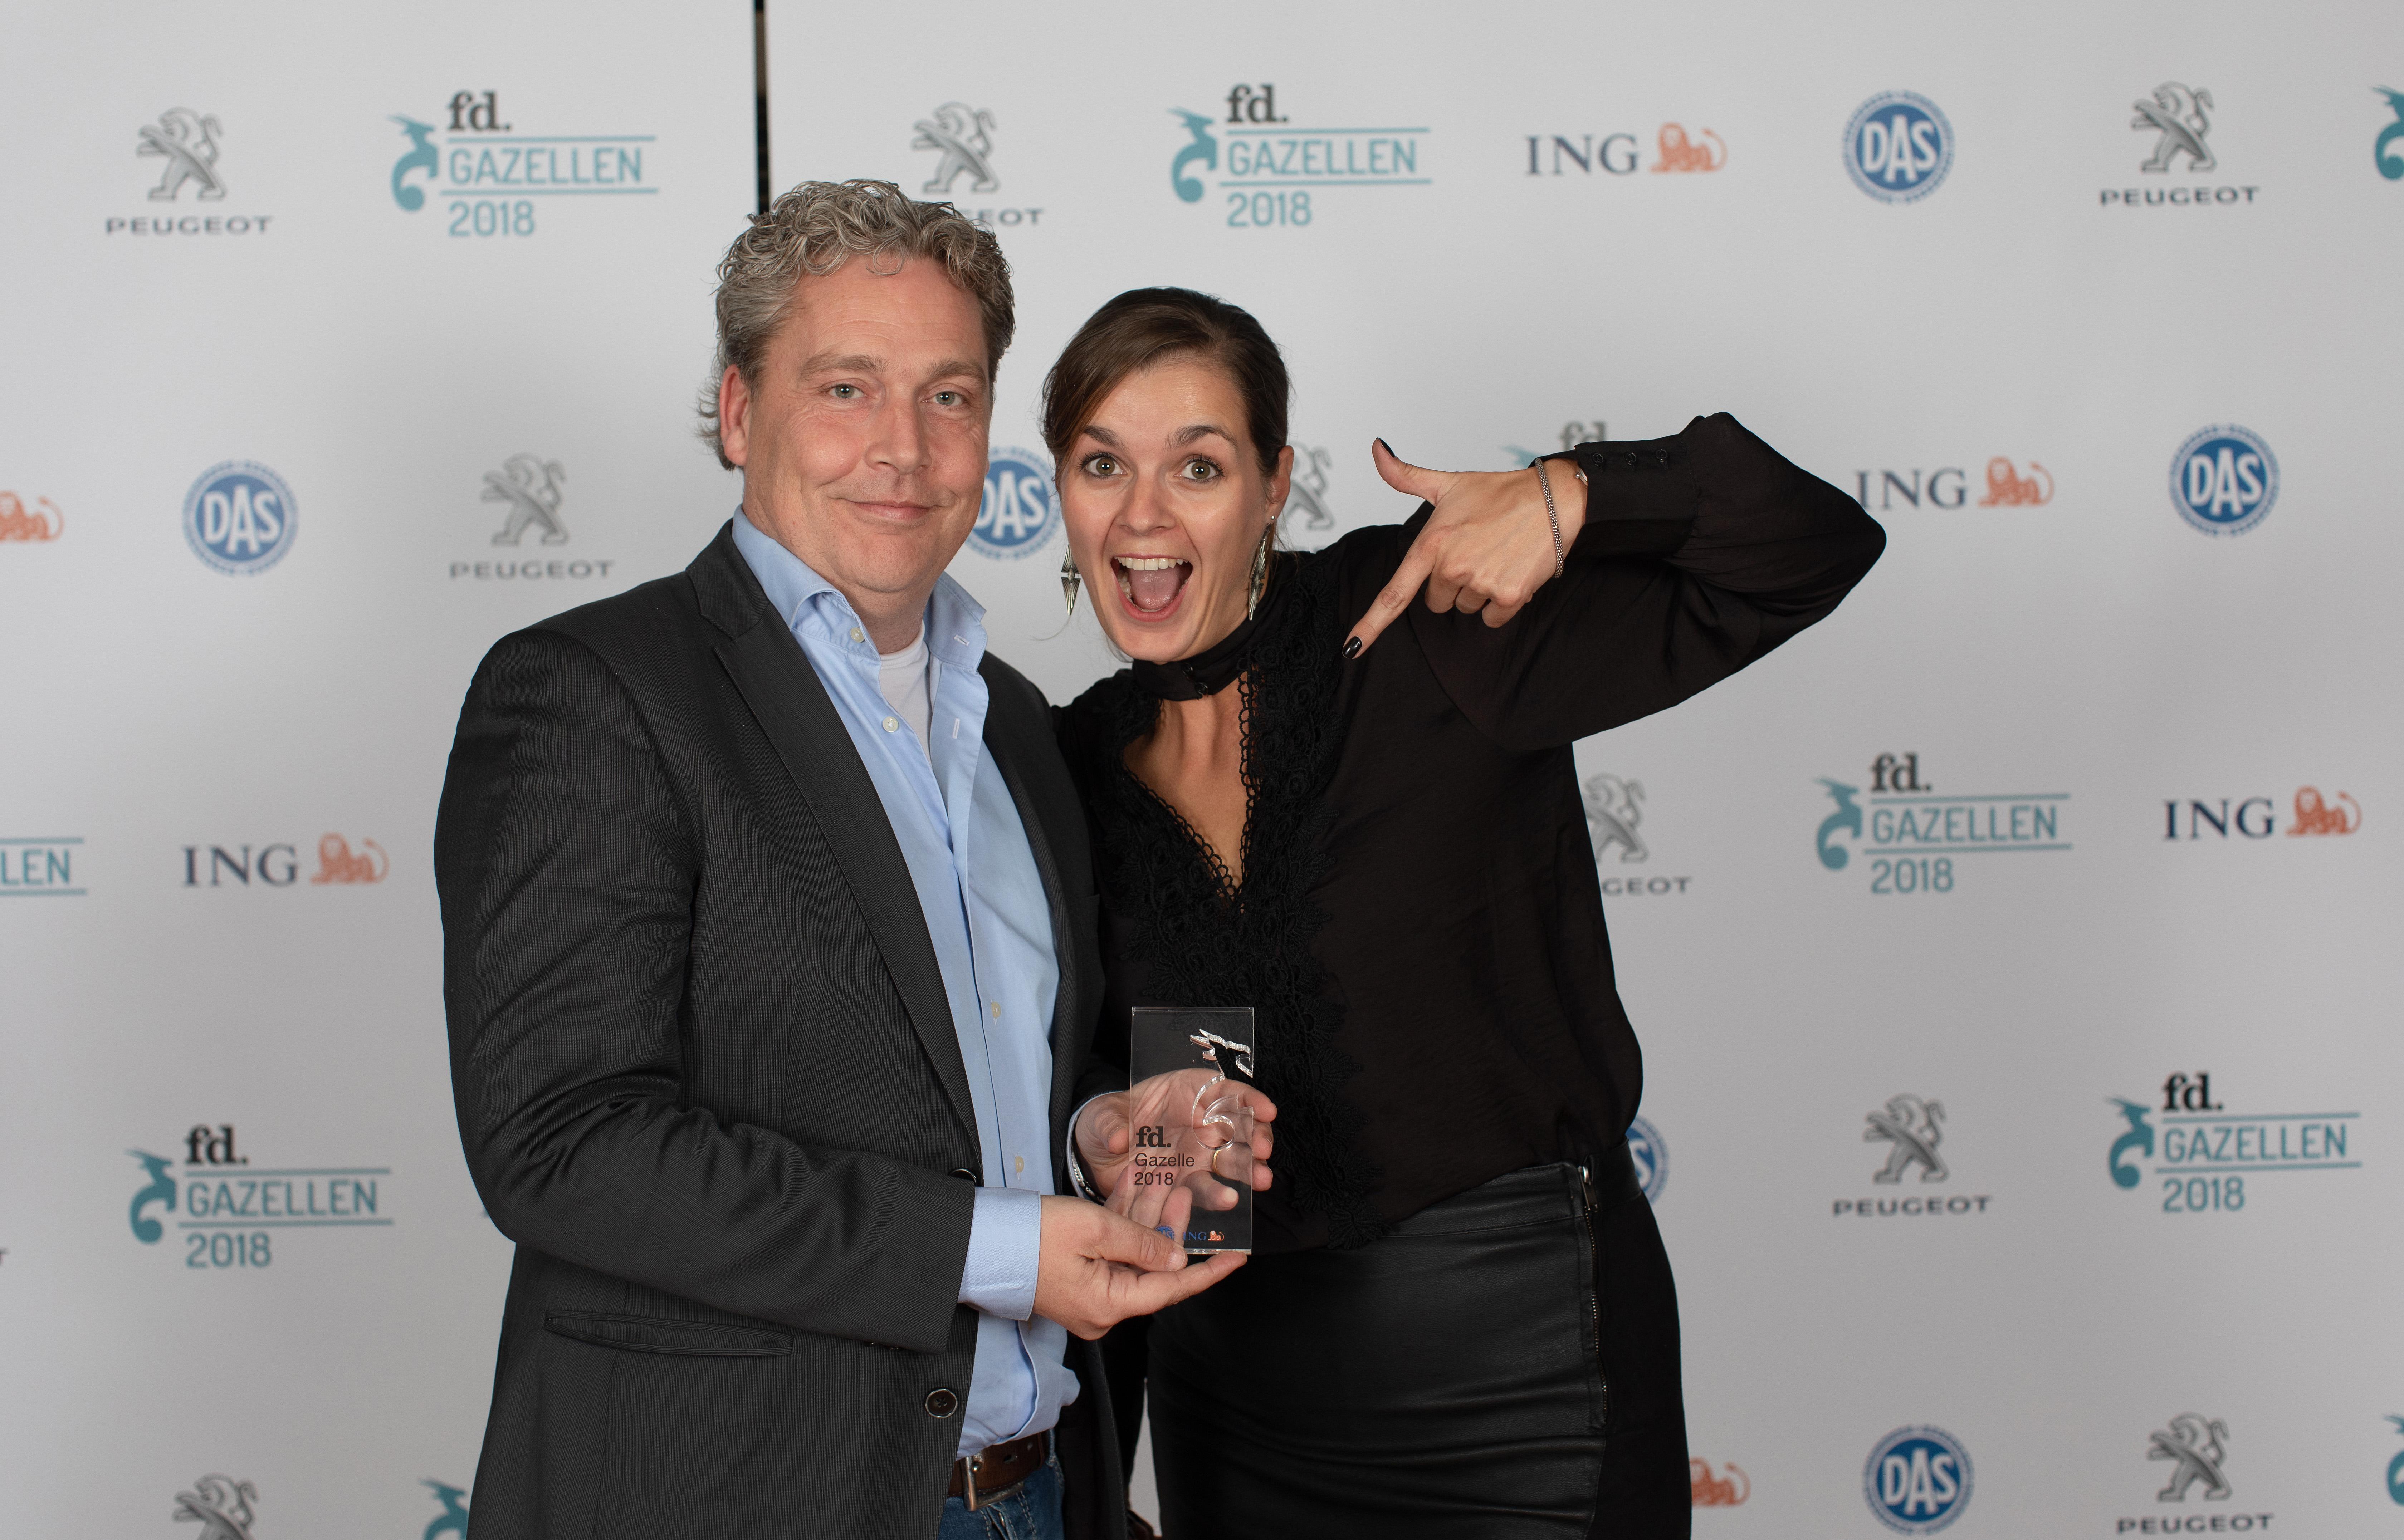 Nikki van den Heuvel en Thijs van Woensel tijdens de uitreiking van de FB Gazellen award